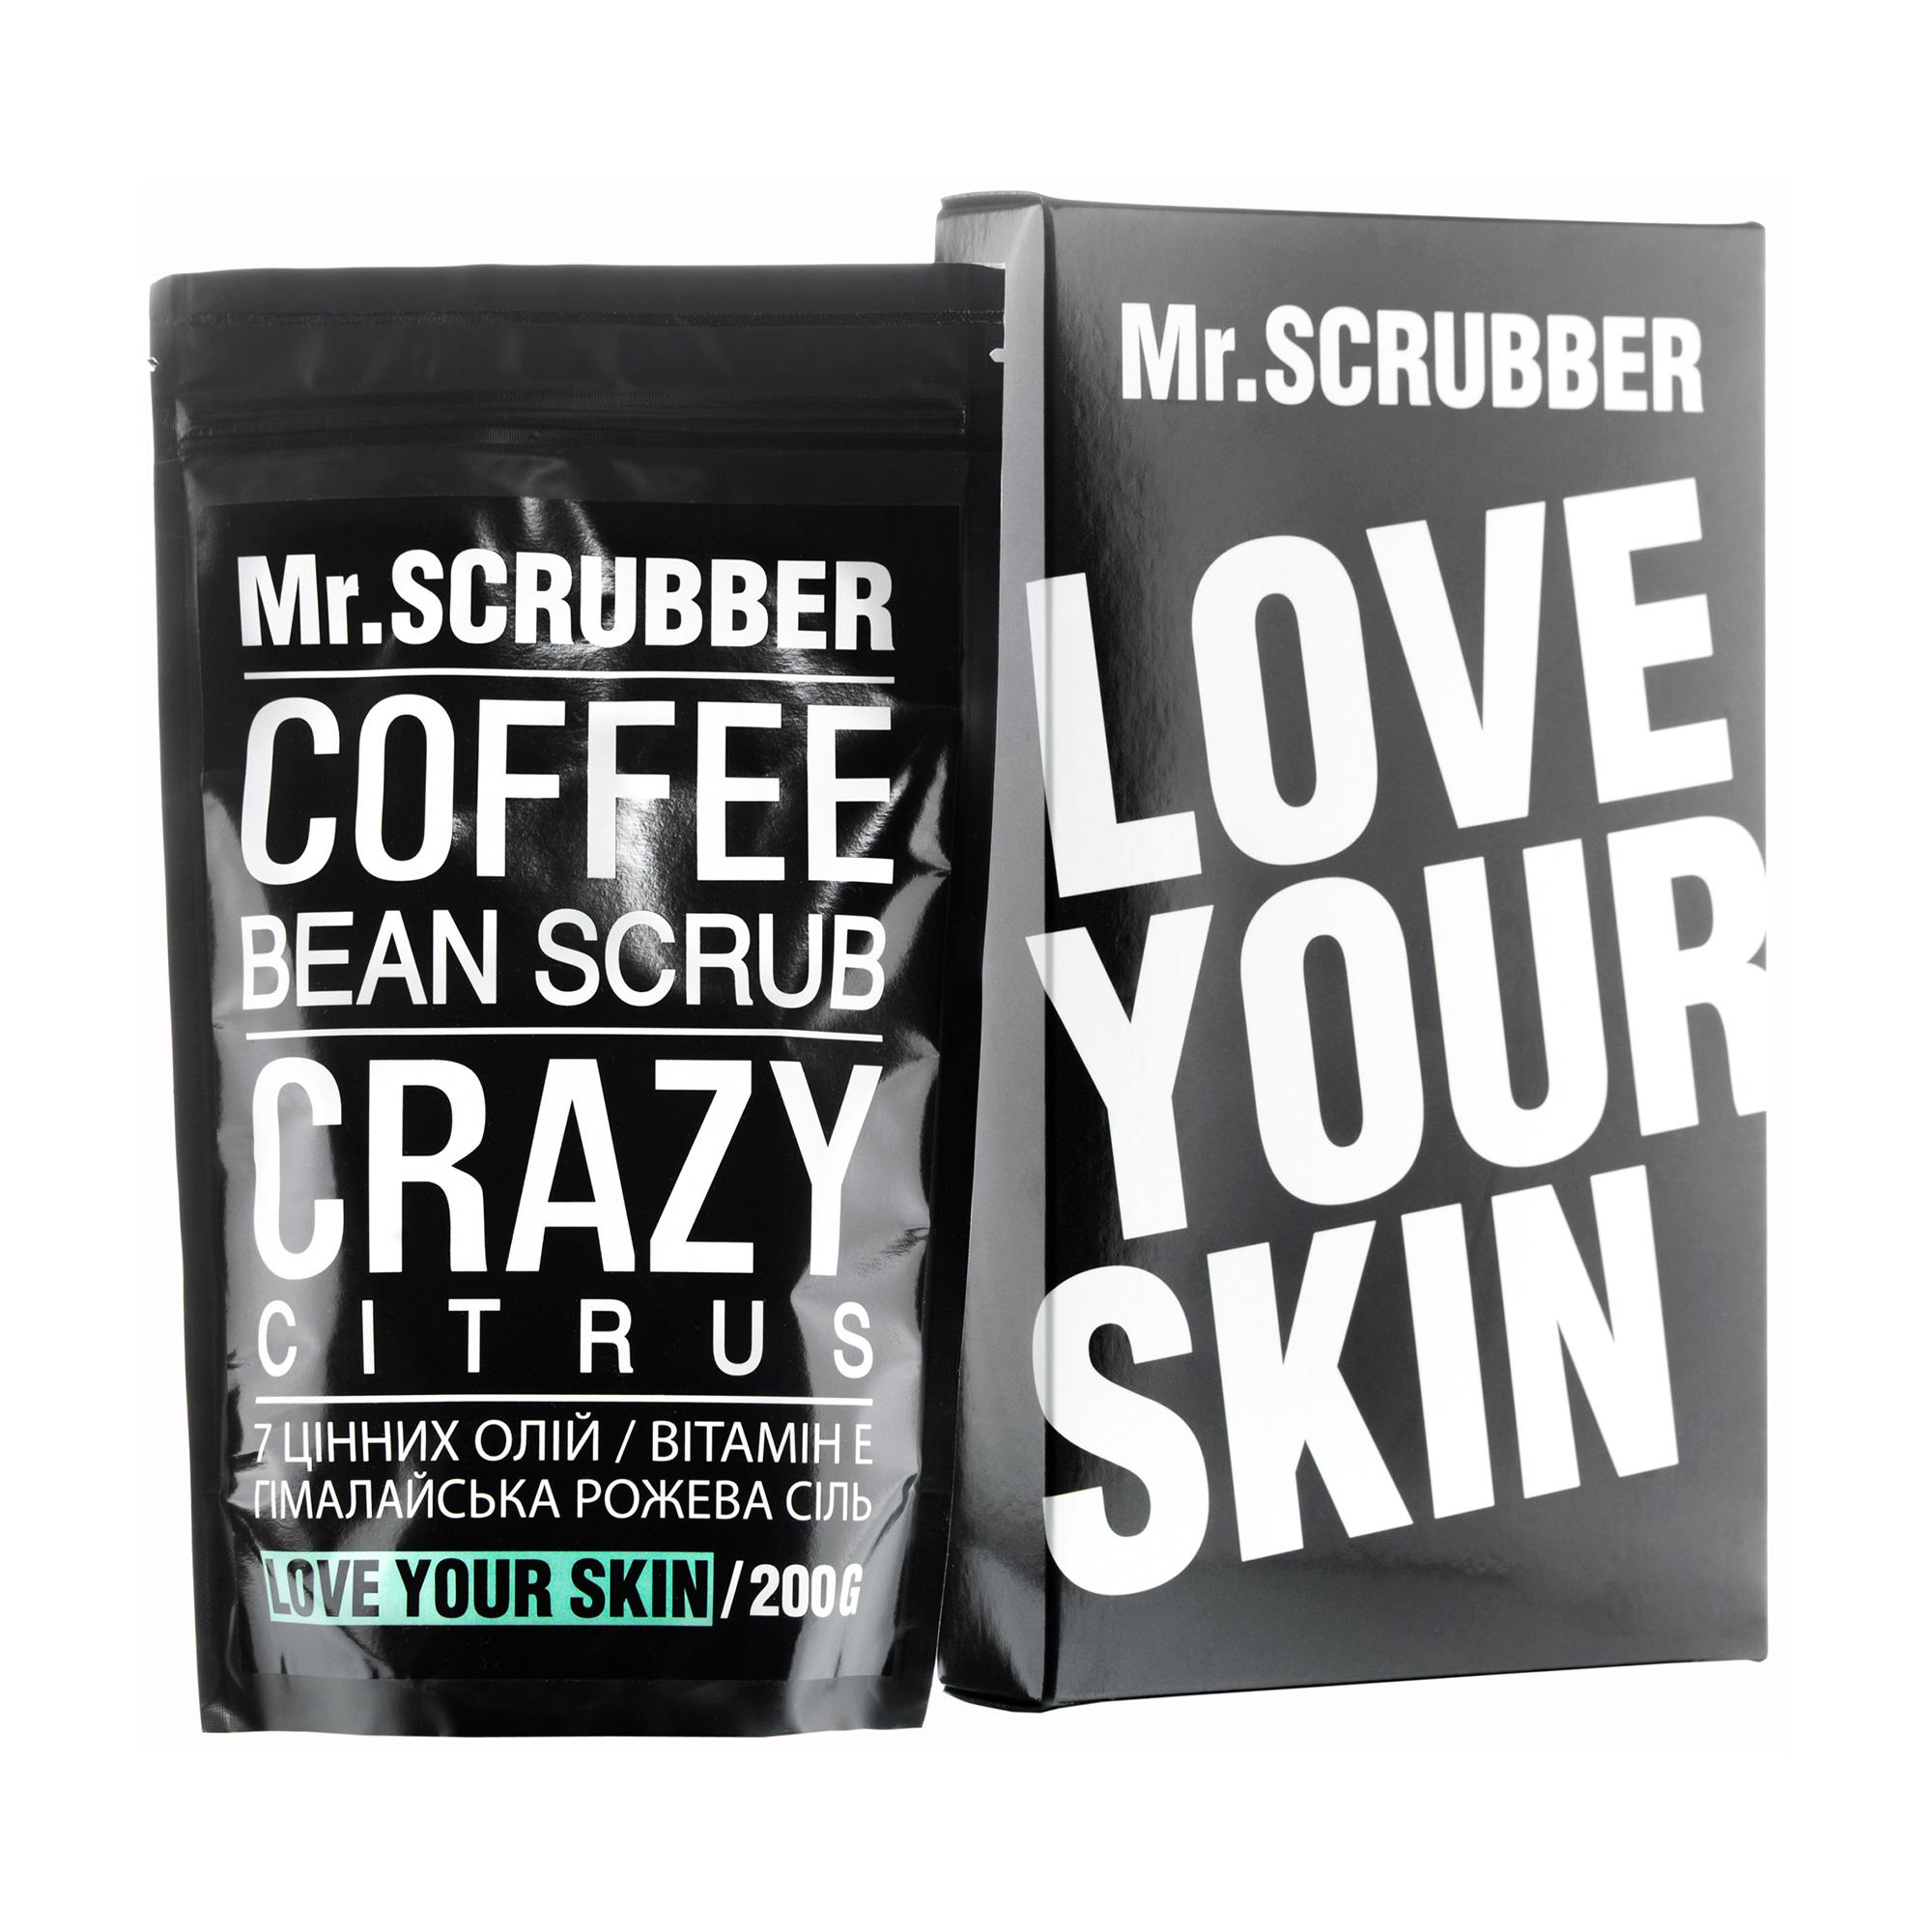 Кофейный скраб для тела и лица Mr.Scrubber Crazy Citrus для всех типов кожи, 200 г